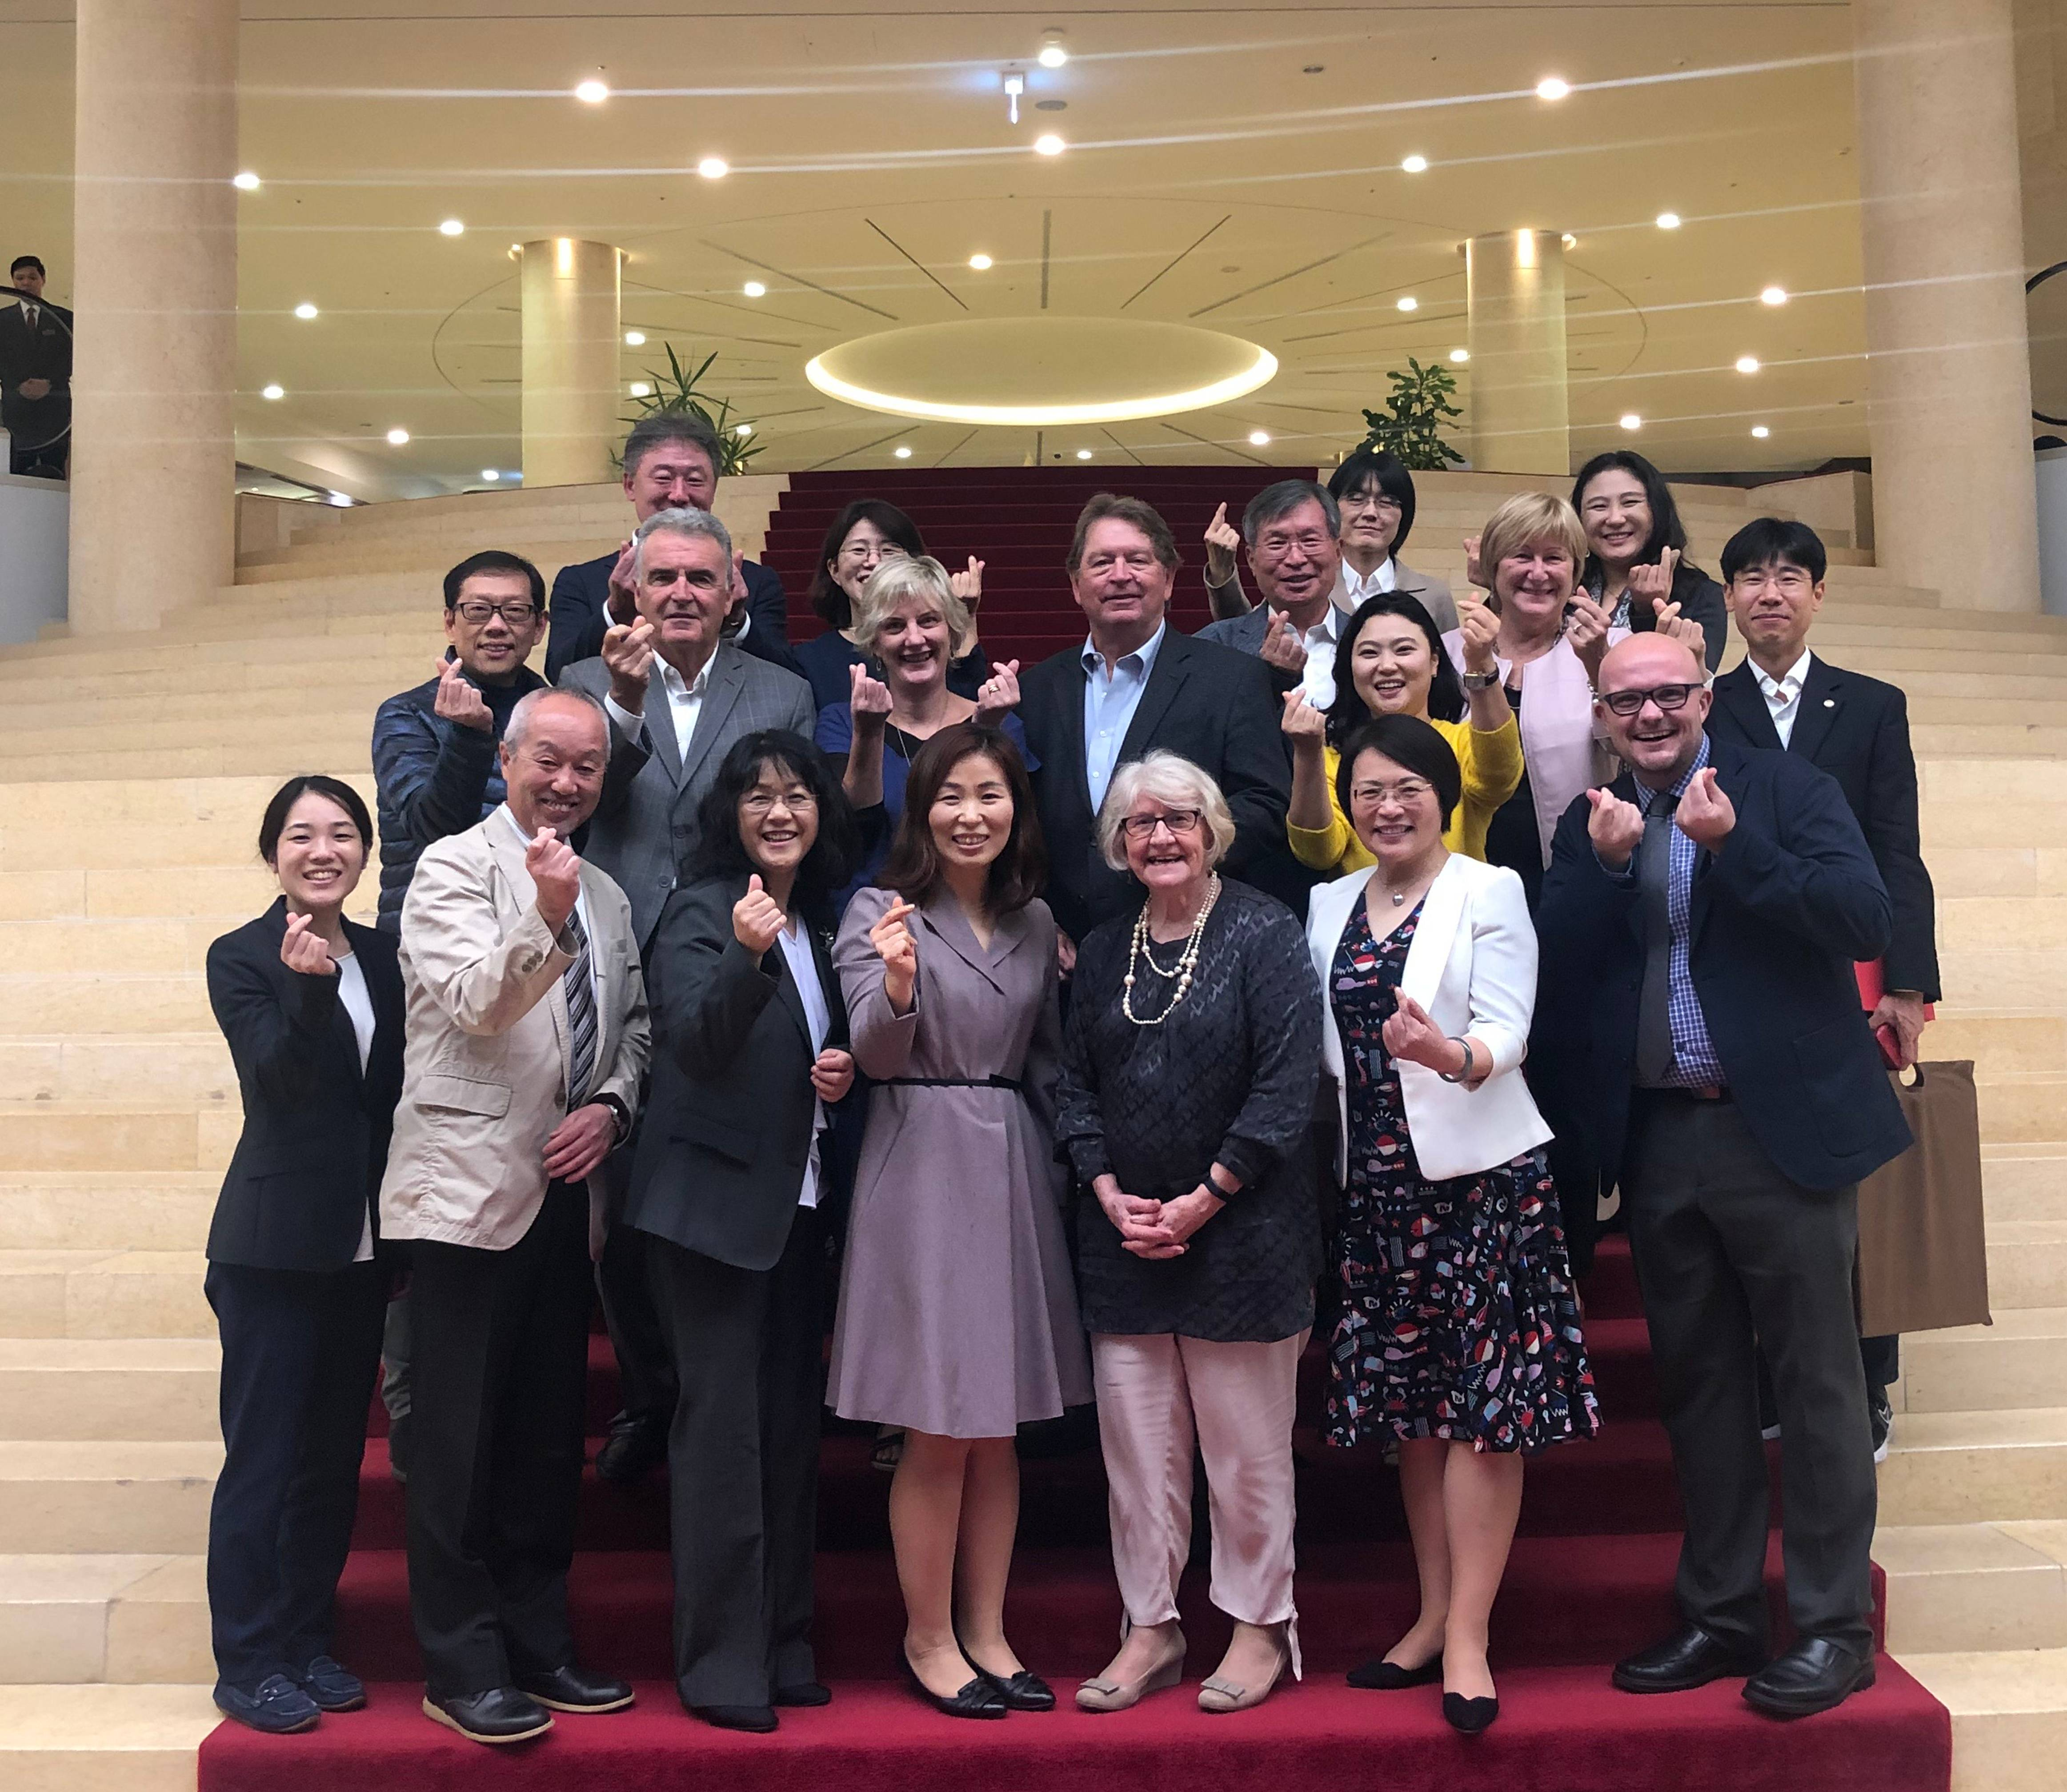 제주한라대학교 한라·뉴캐슬 PBL 교육연구원, PBL 국제학술심포지엄 개최3